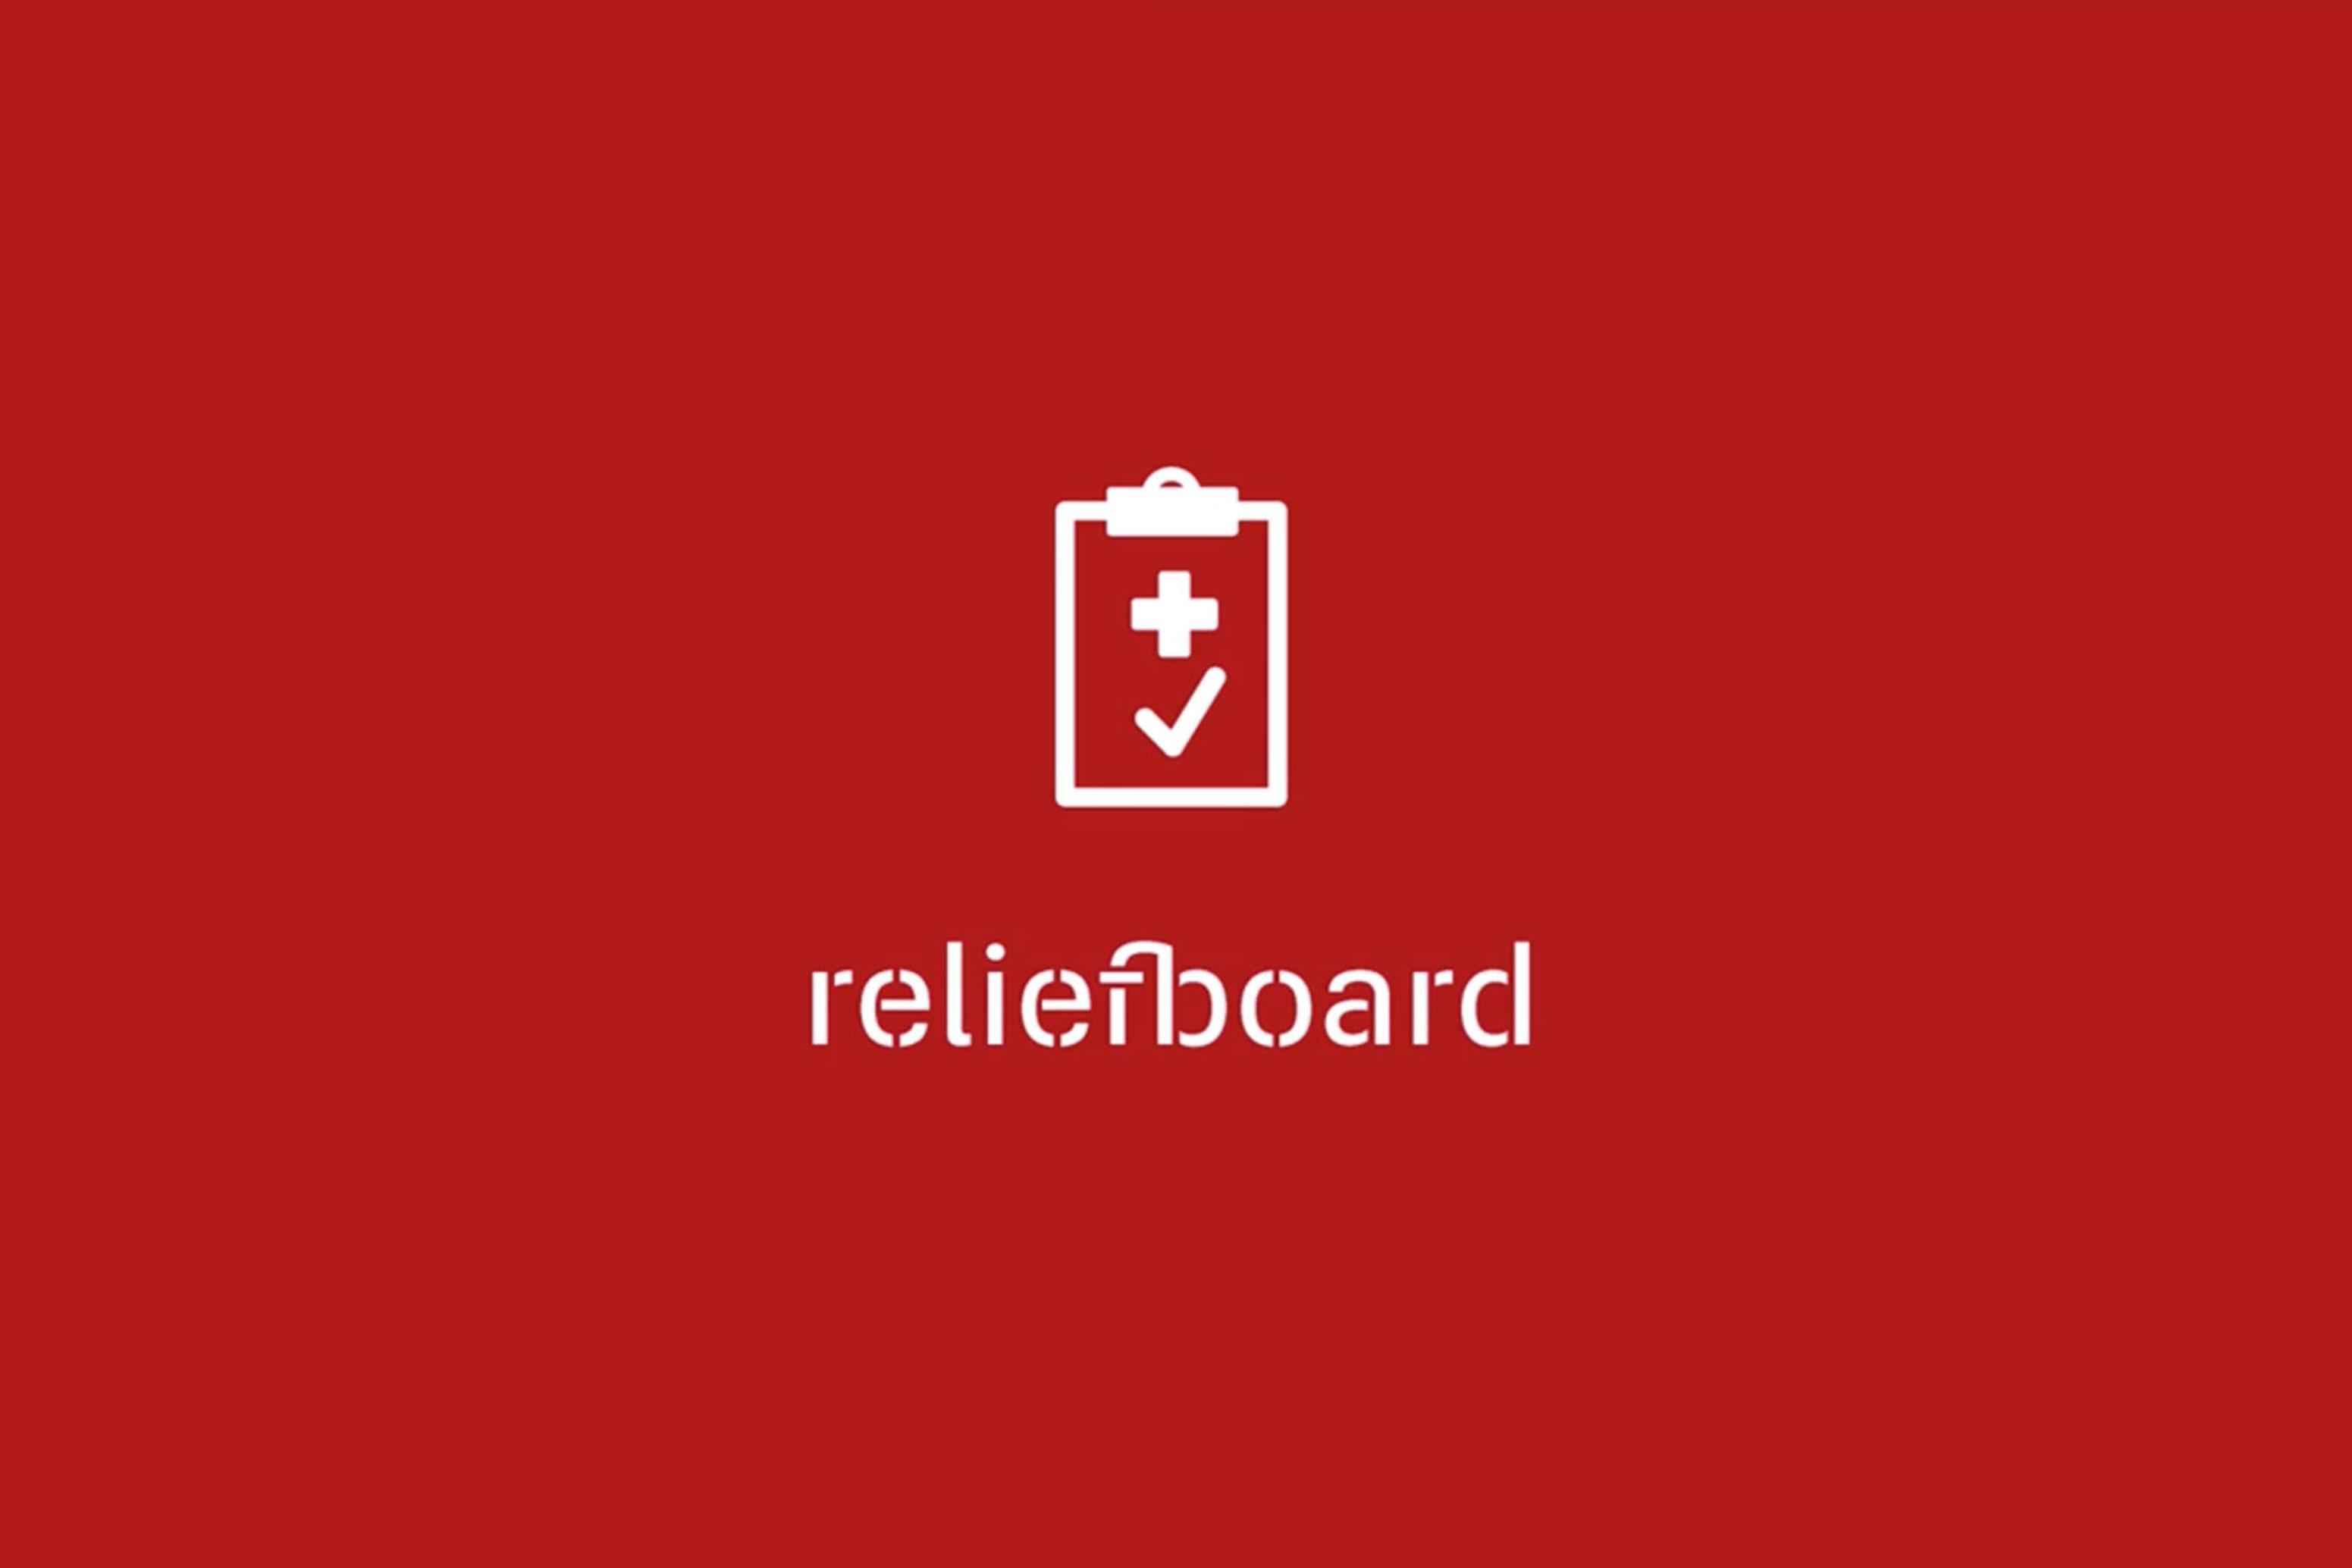 Reliefboard Logo